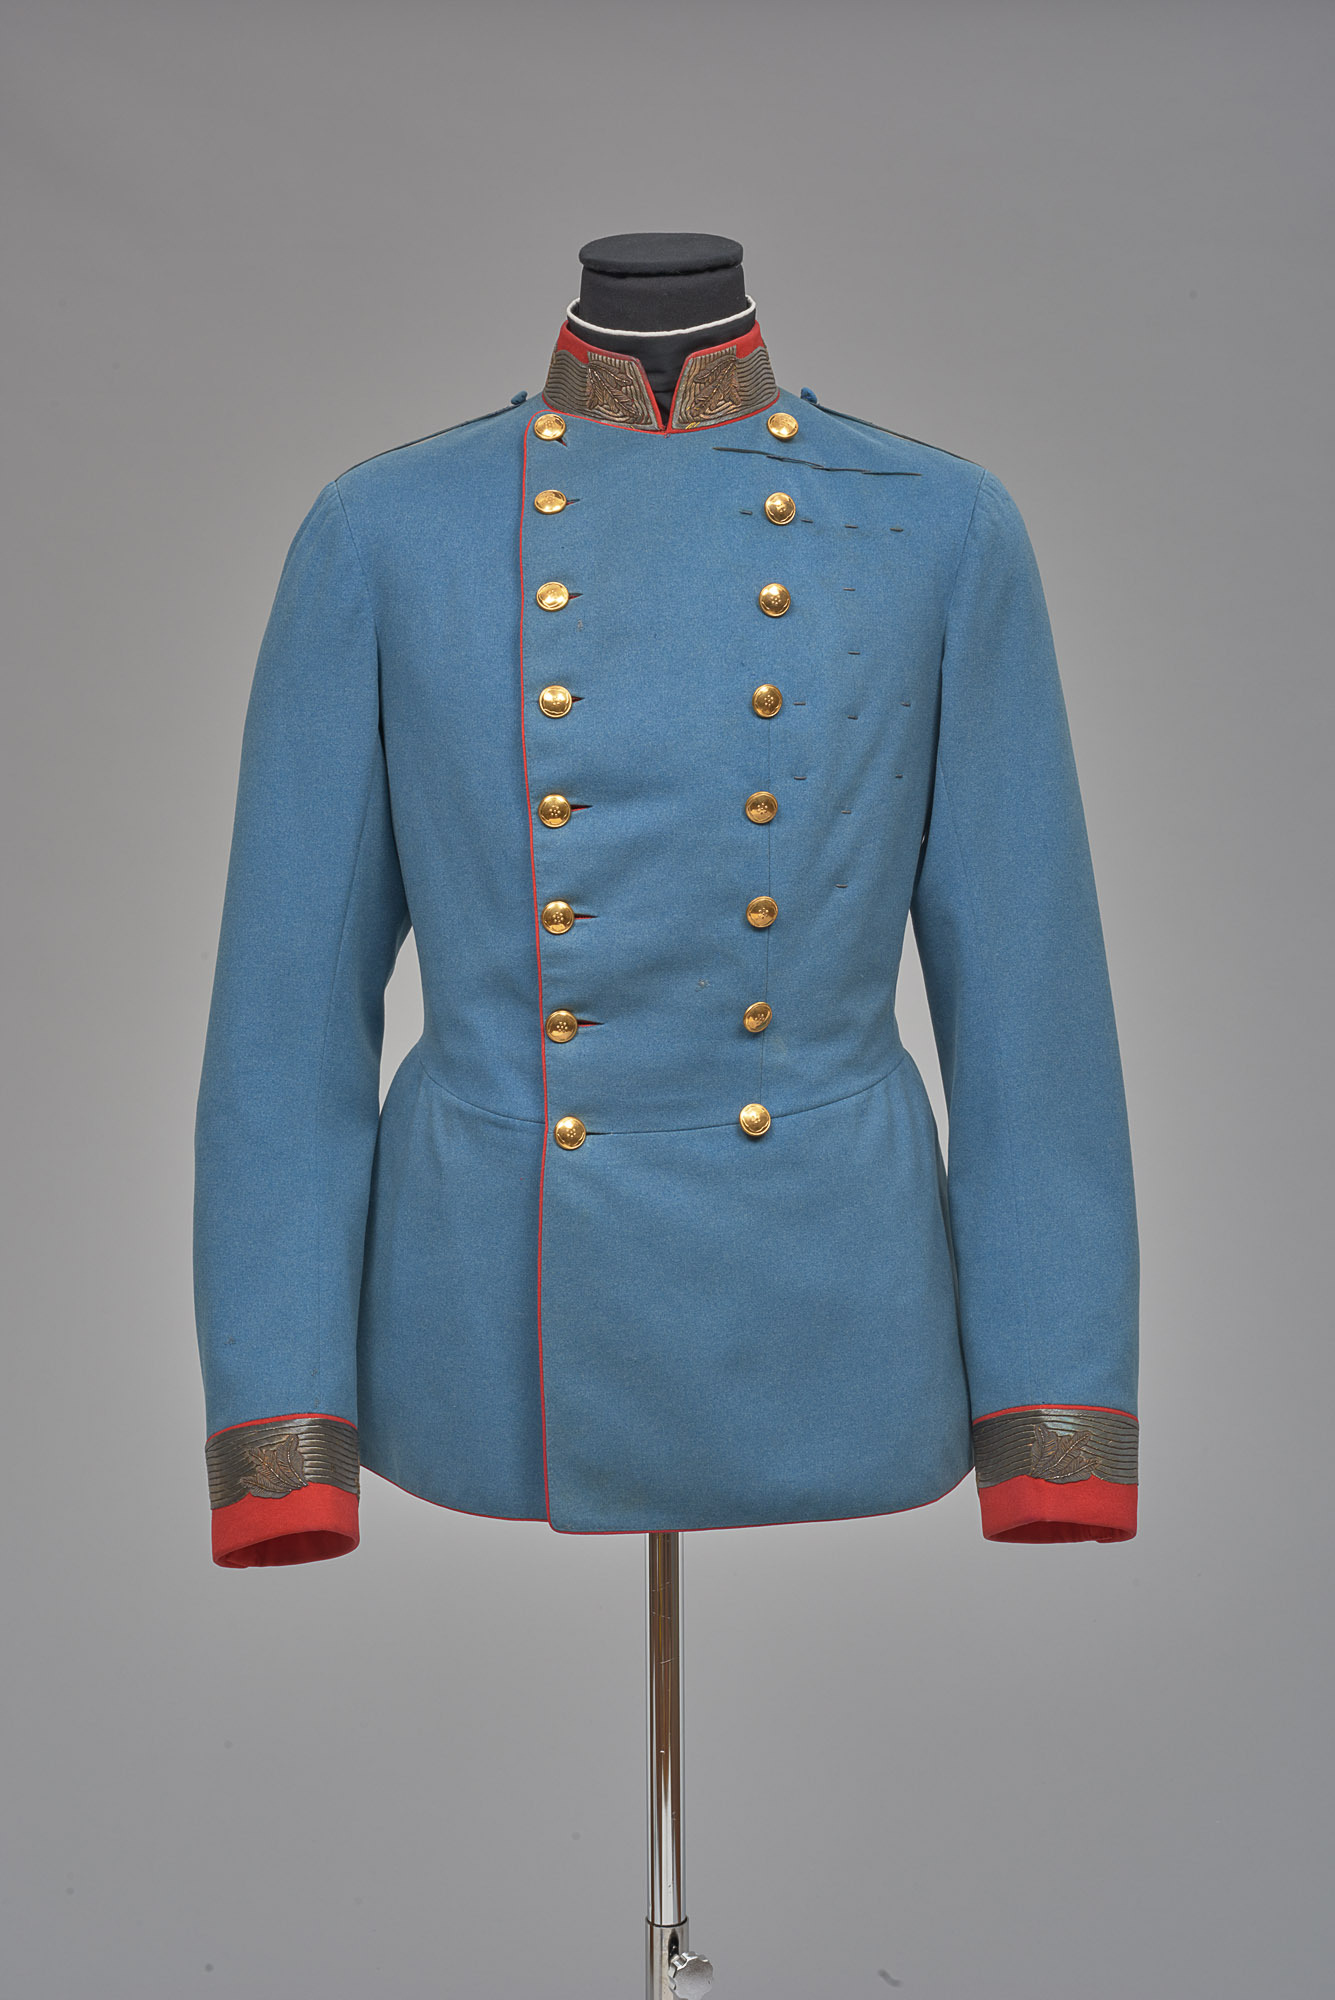 Waffenrock von der Campagne-Uniform eines österreichischen Feldmarschalls in deutscher Adjustierung aus dem Besitz von Kaiser Franz Joseph I. von Anton Uzel & Sohn